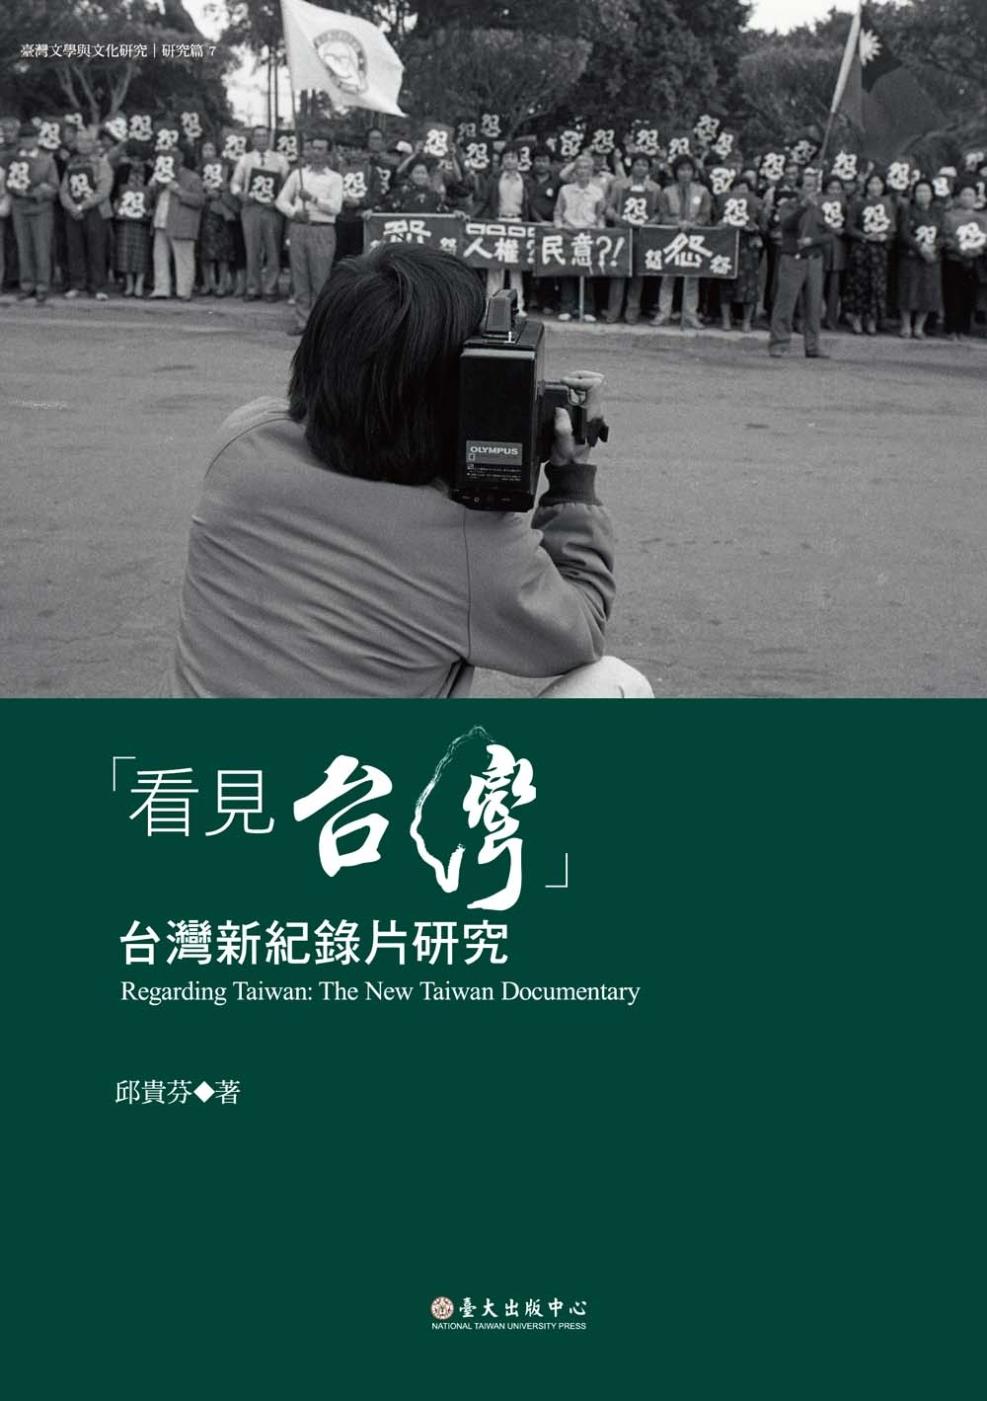 「看見台灣」:台灣新紀錄片研究